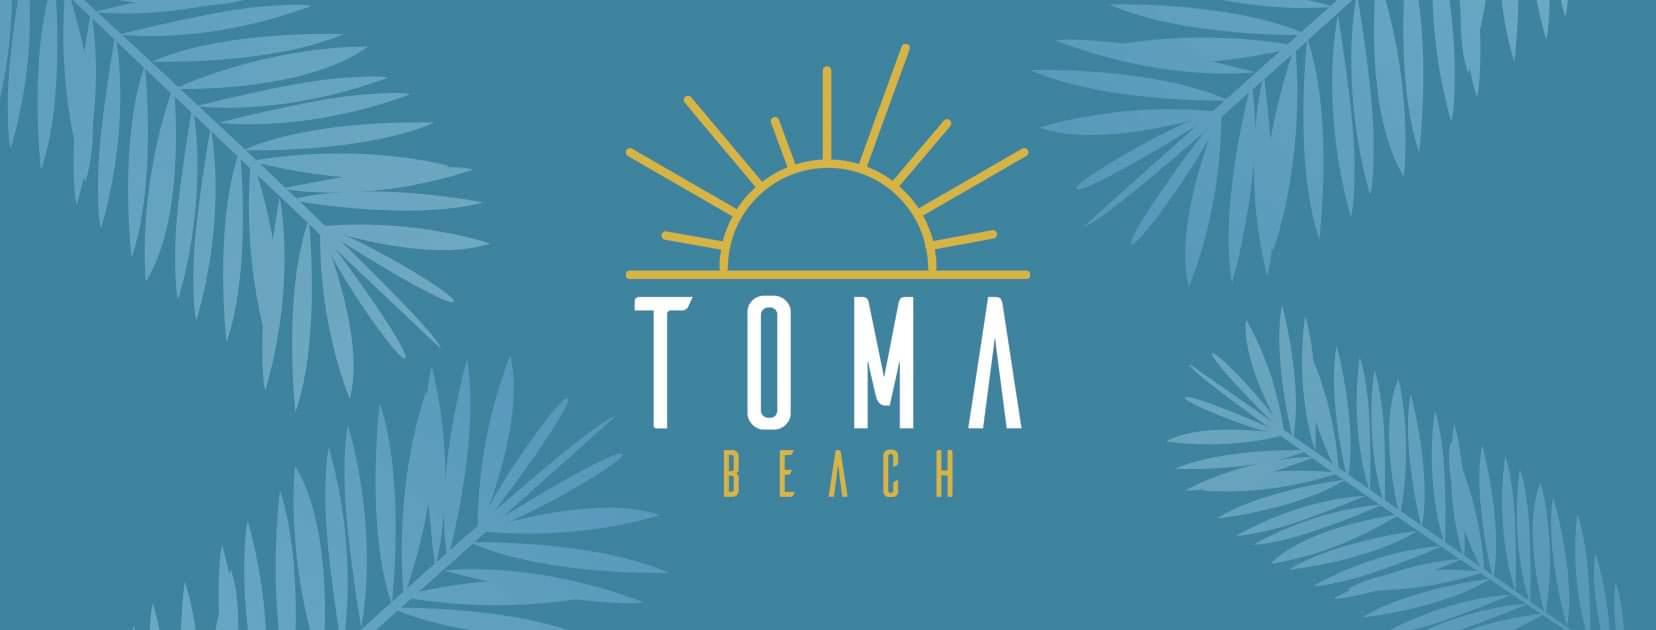 Il Toma Beach apre i battenti con il gruppo Single e separati-provincia di Napoli